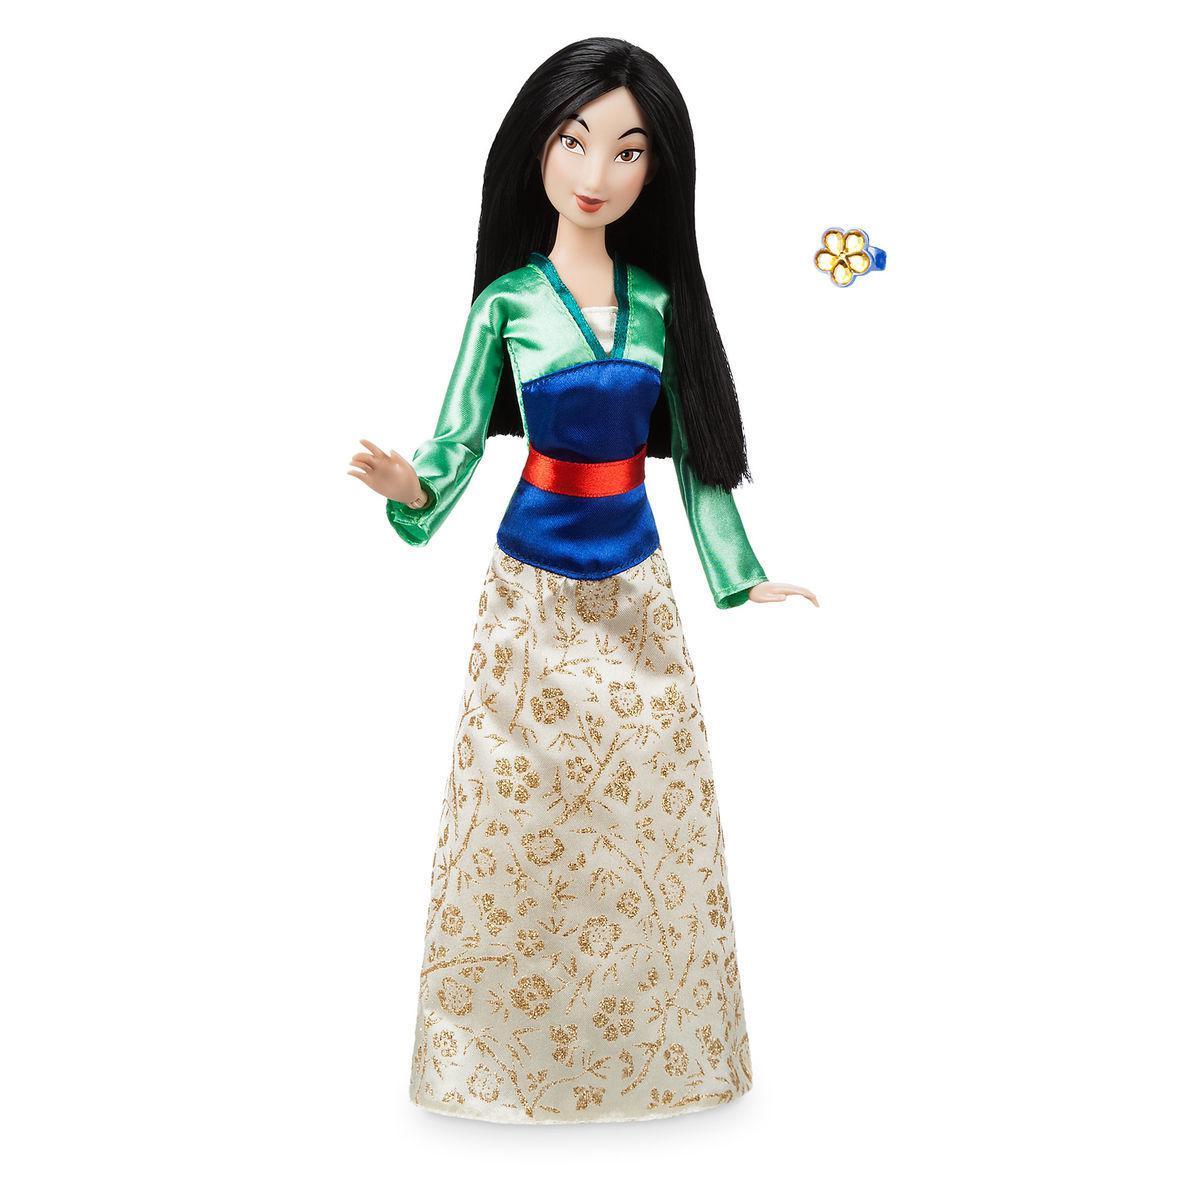 Disney Принцессы Диснея Мулан с кольцом для девочки Mulan Classic Doll with Ring 2018 Version